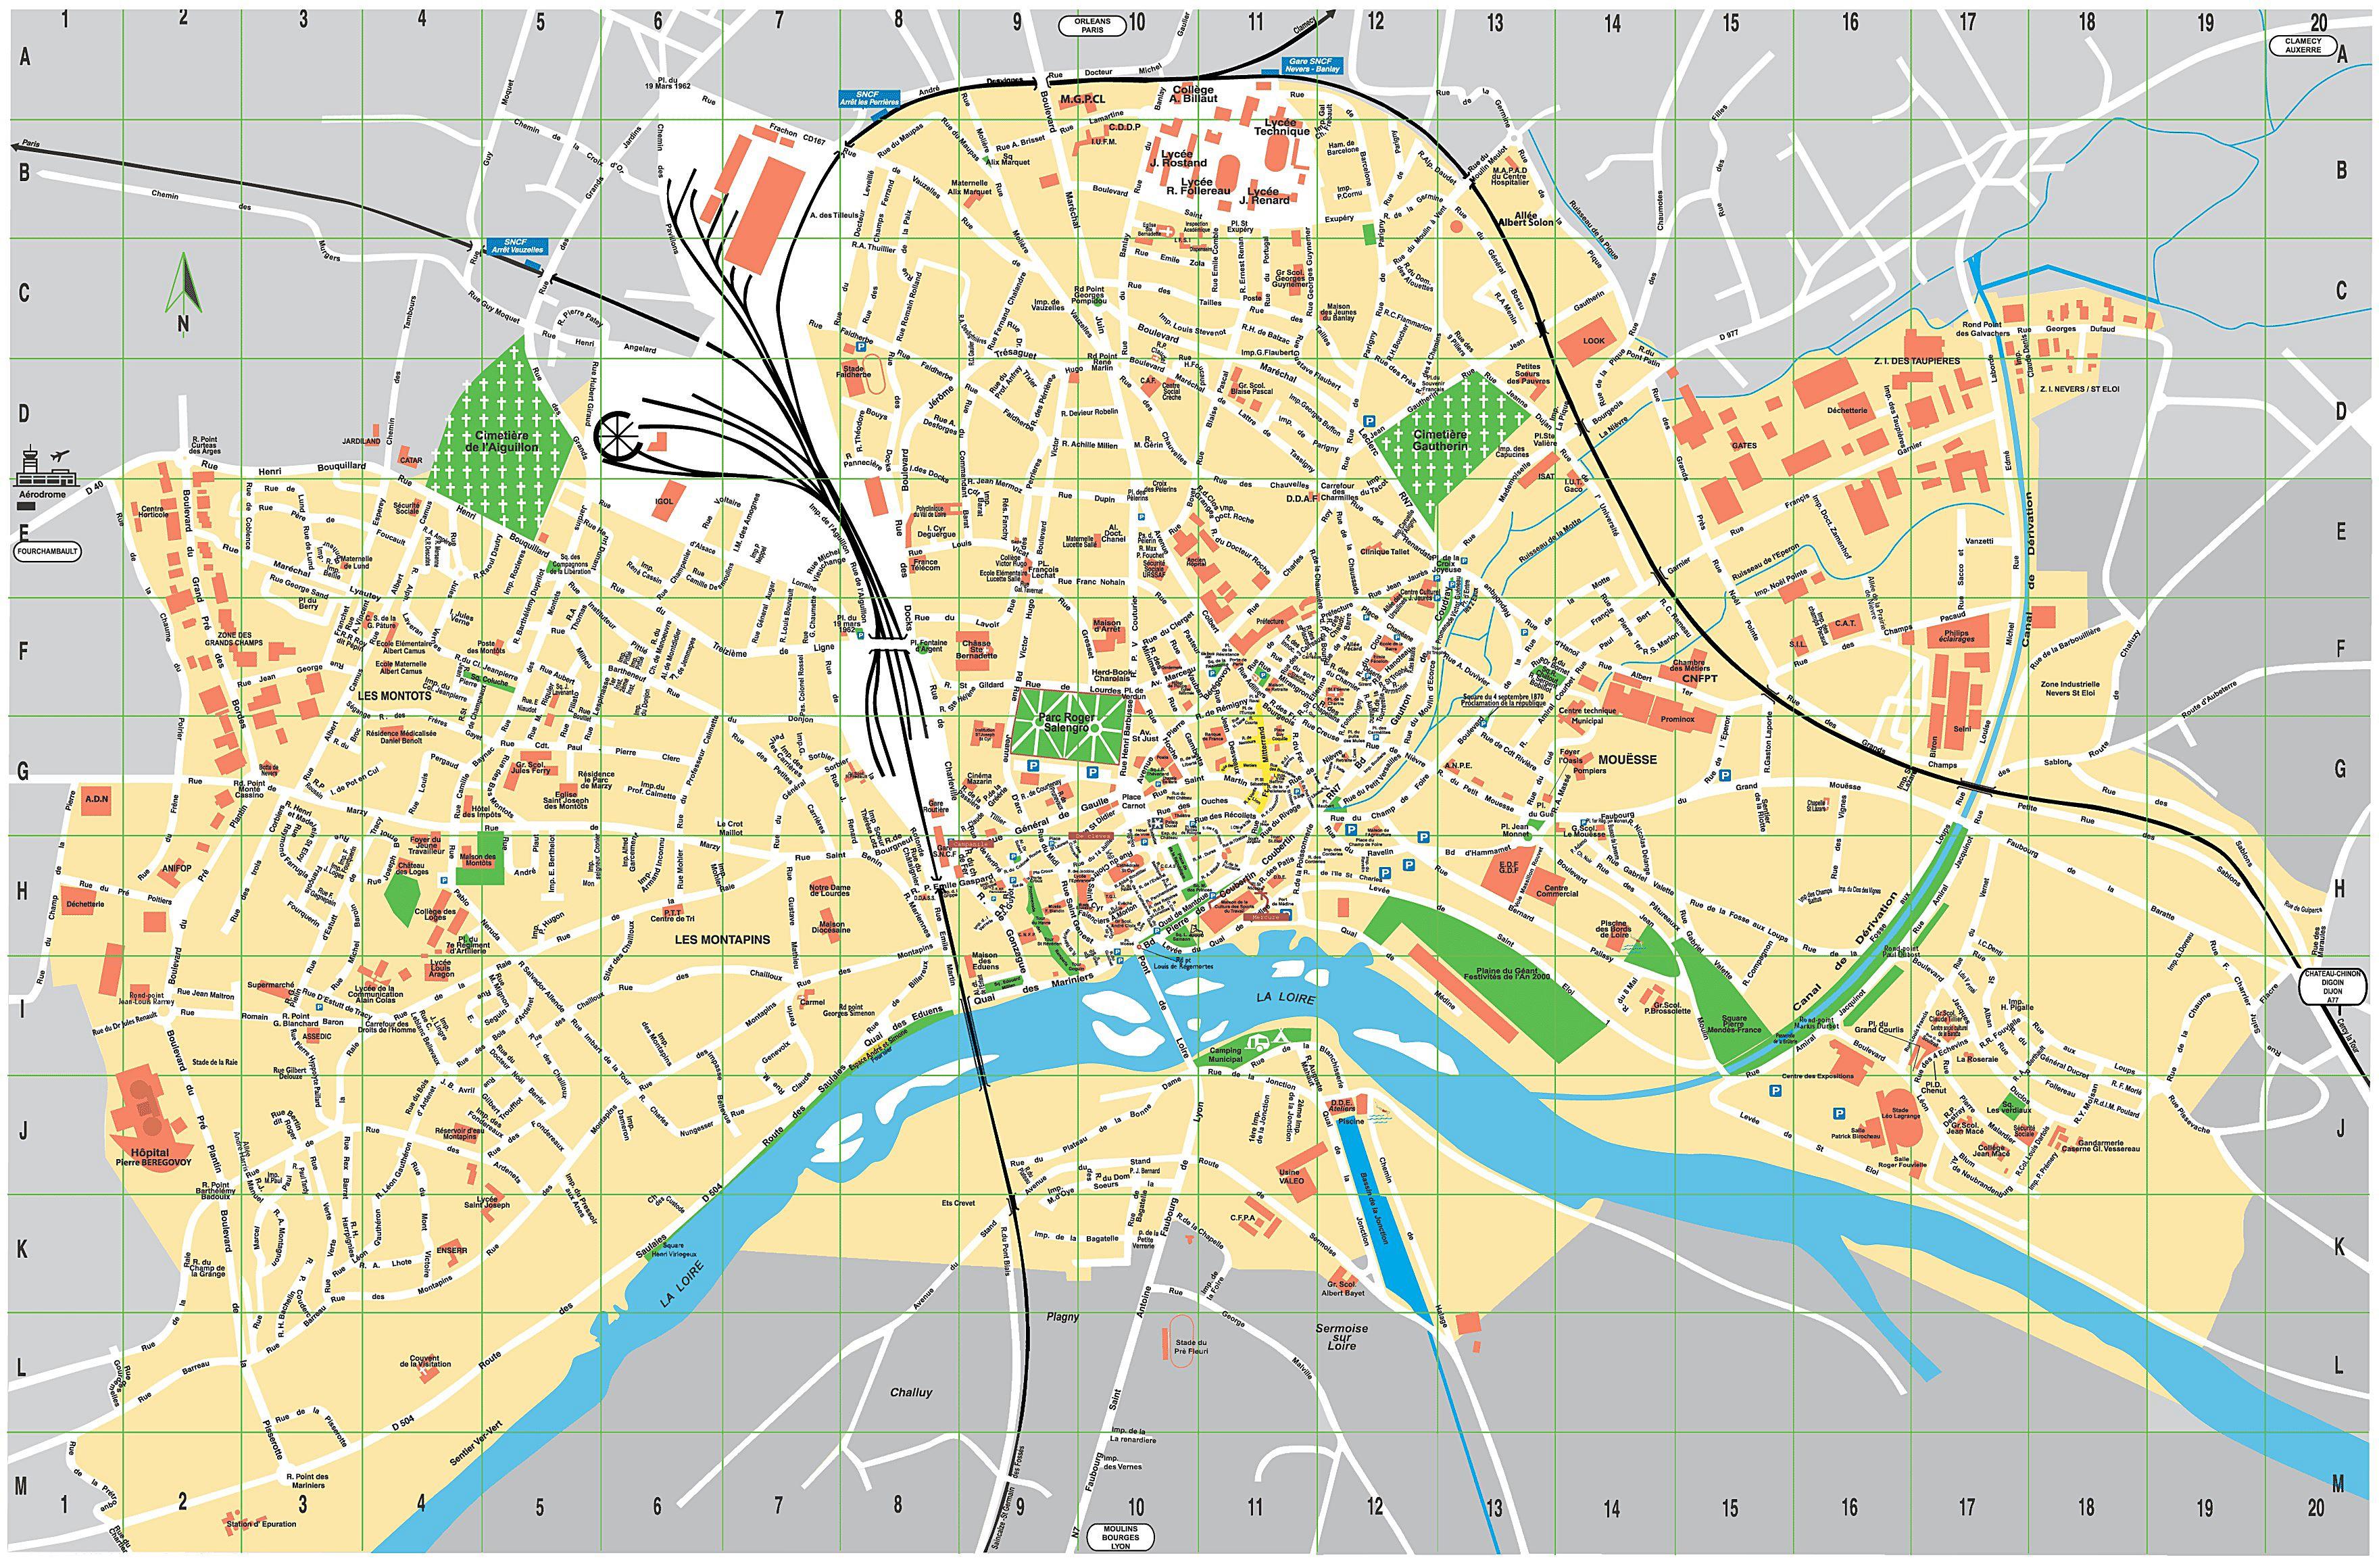 Cartes De Nevers | Cartes Typographiques Détaillées De avec Imprimer Une Carte De France